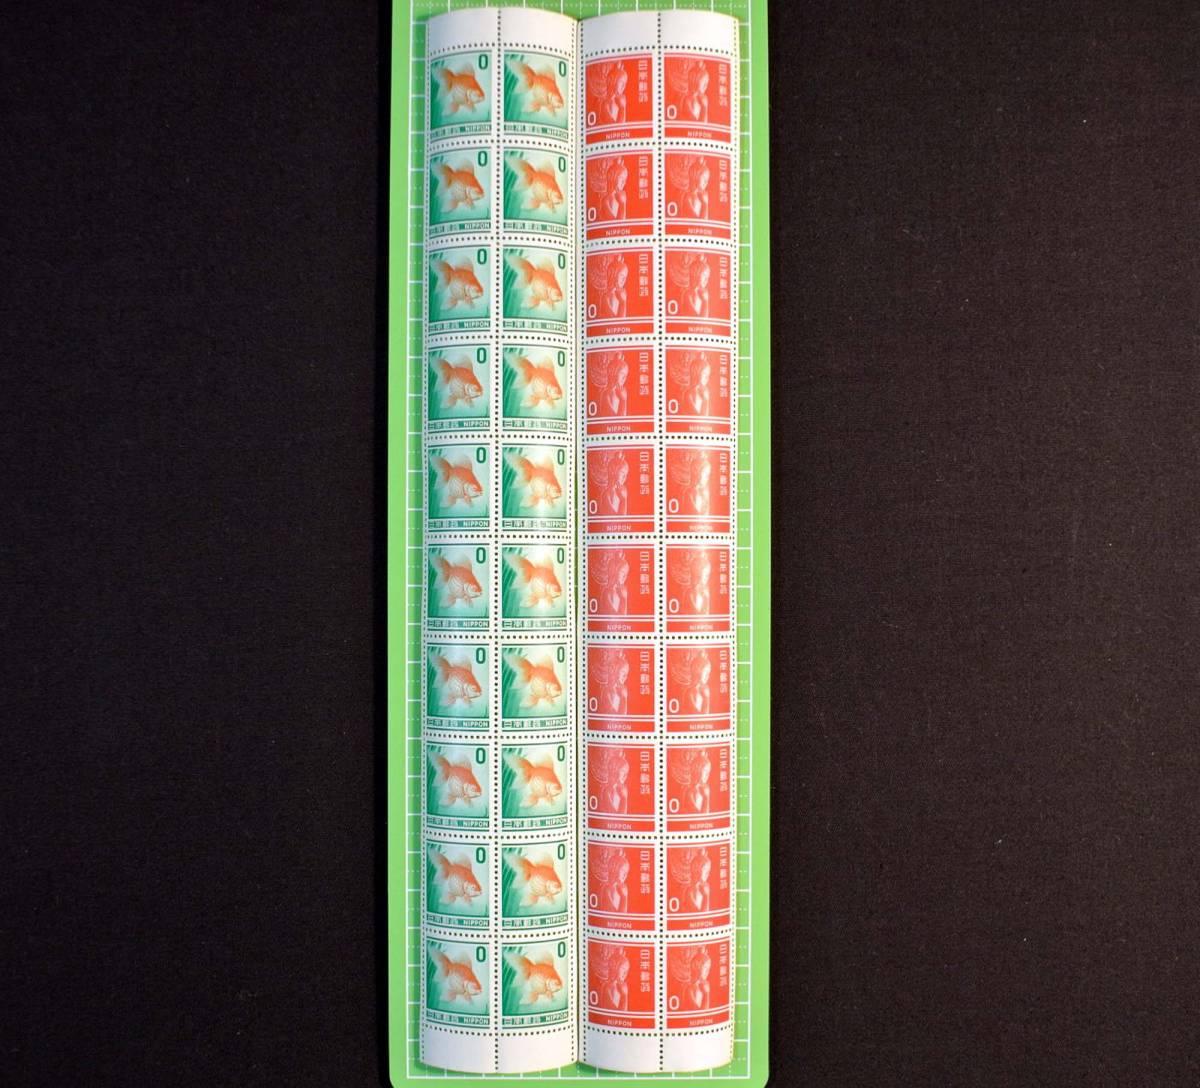 2-3 超レア本物保証! 幻の東芝テストコイル切手「金魚/菩薩」模擬切手 y42-367950